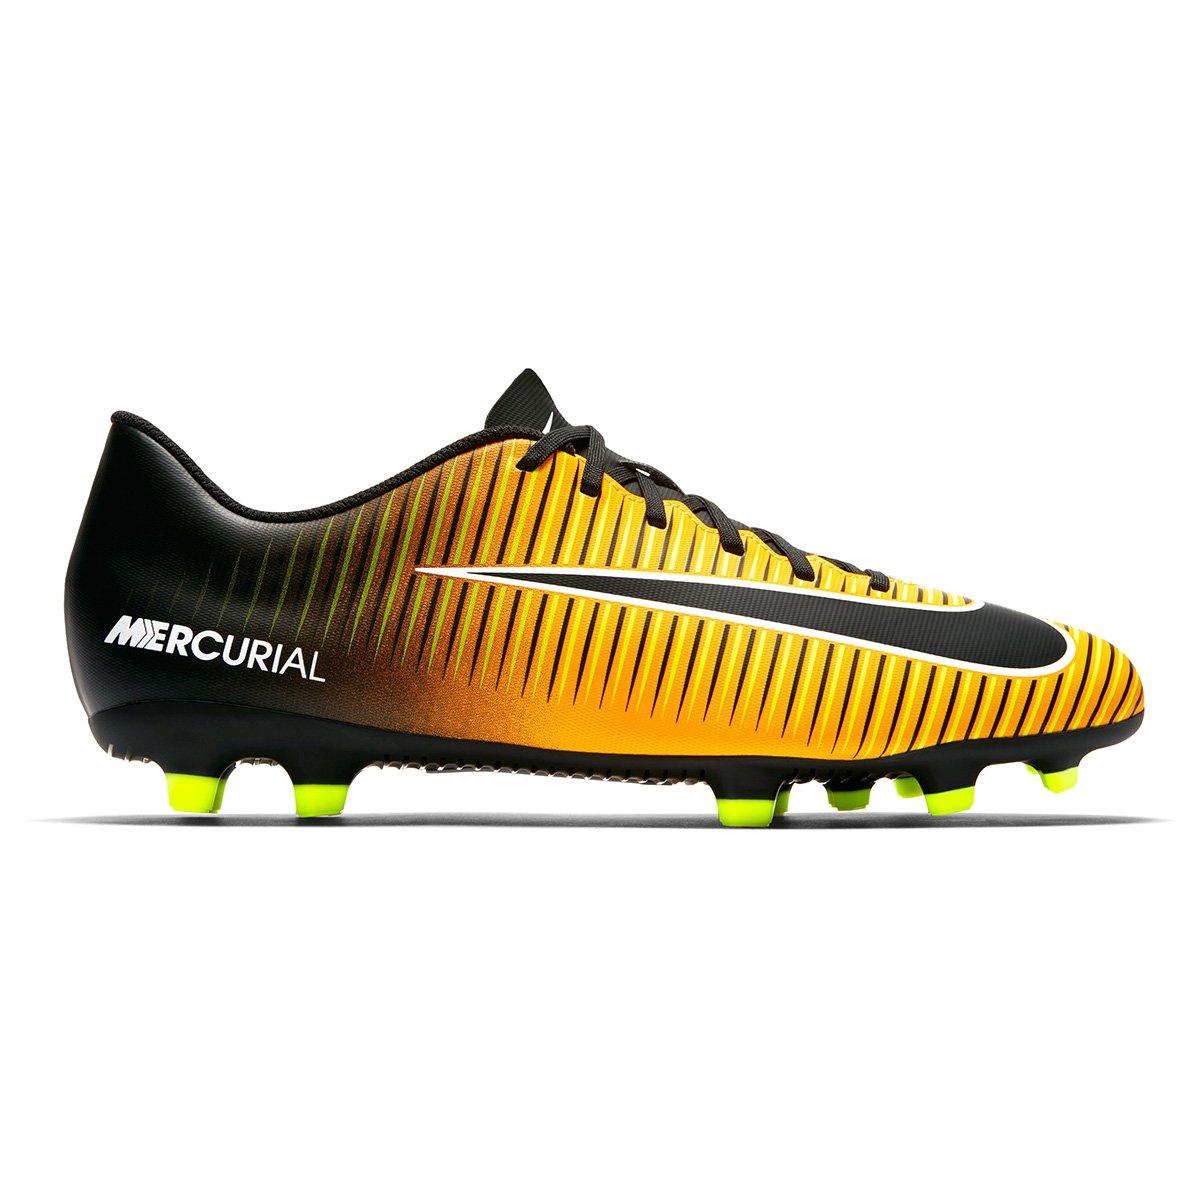 01961ccb37c61 Chuteira Campo Nike Mercurial Vortex 3 FG - Compre Agora